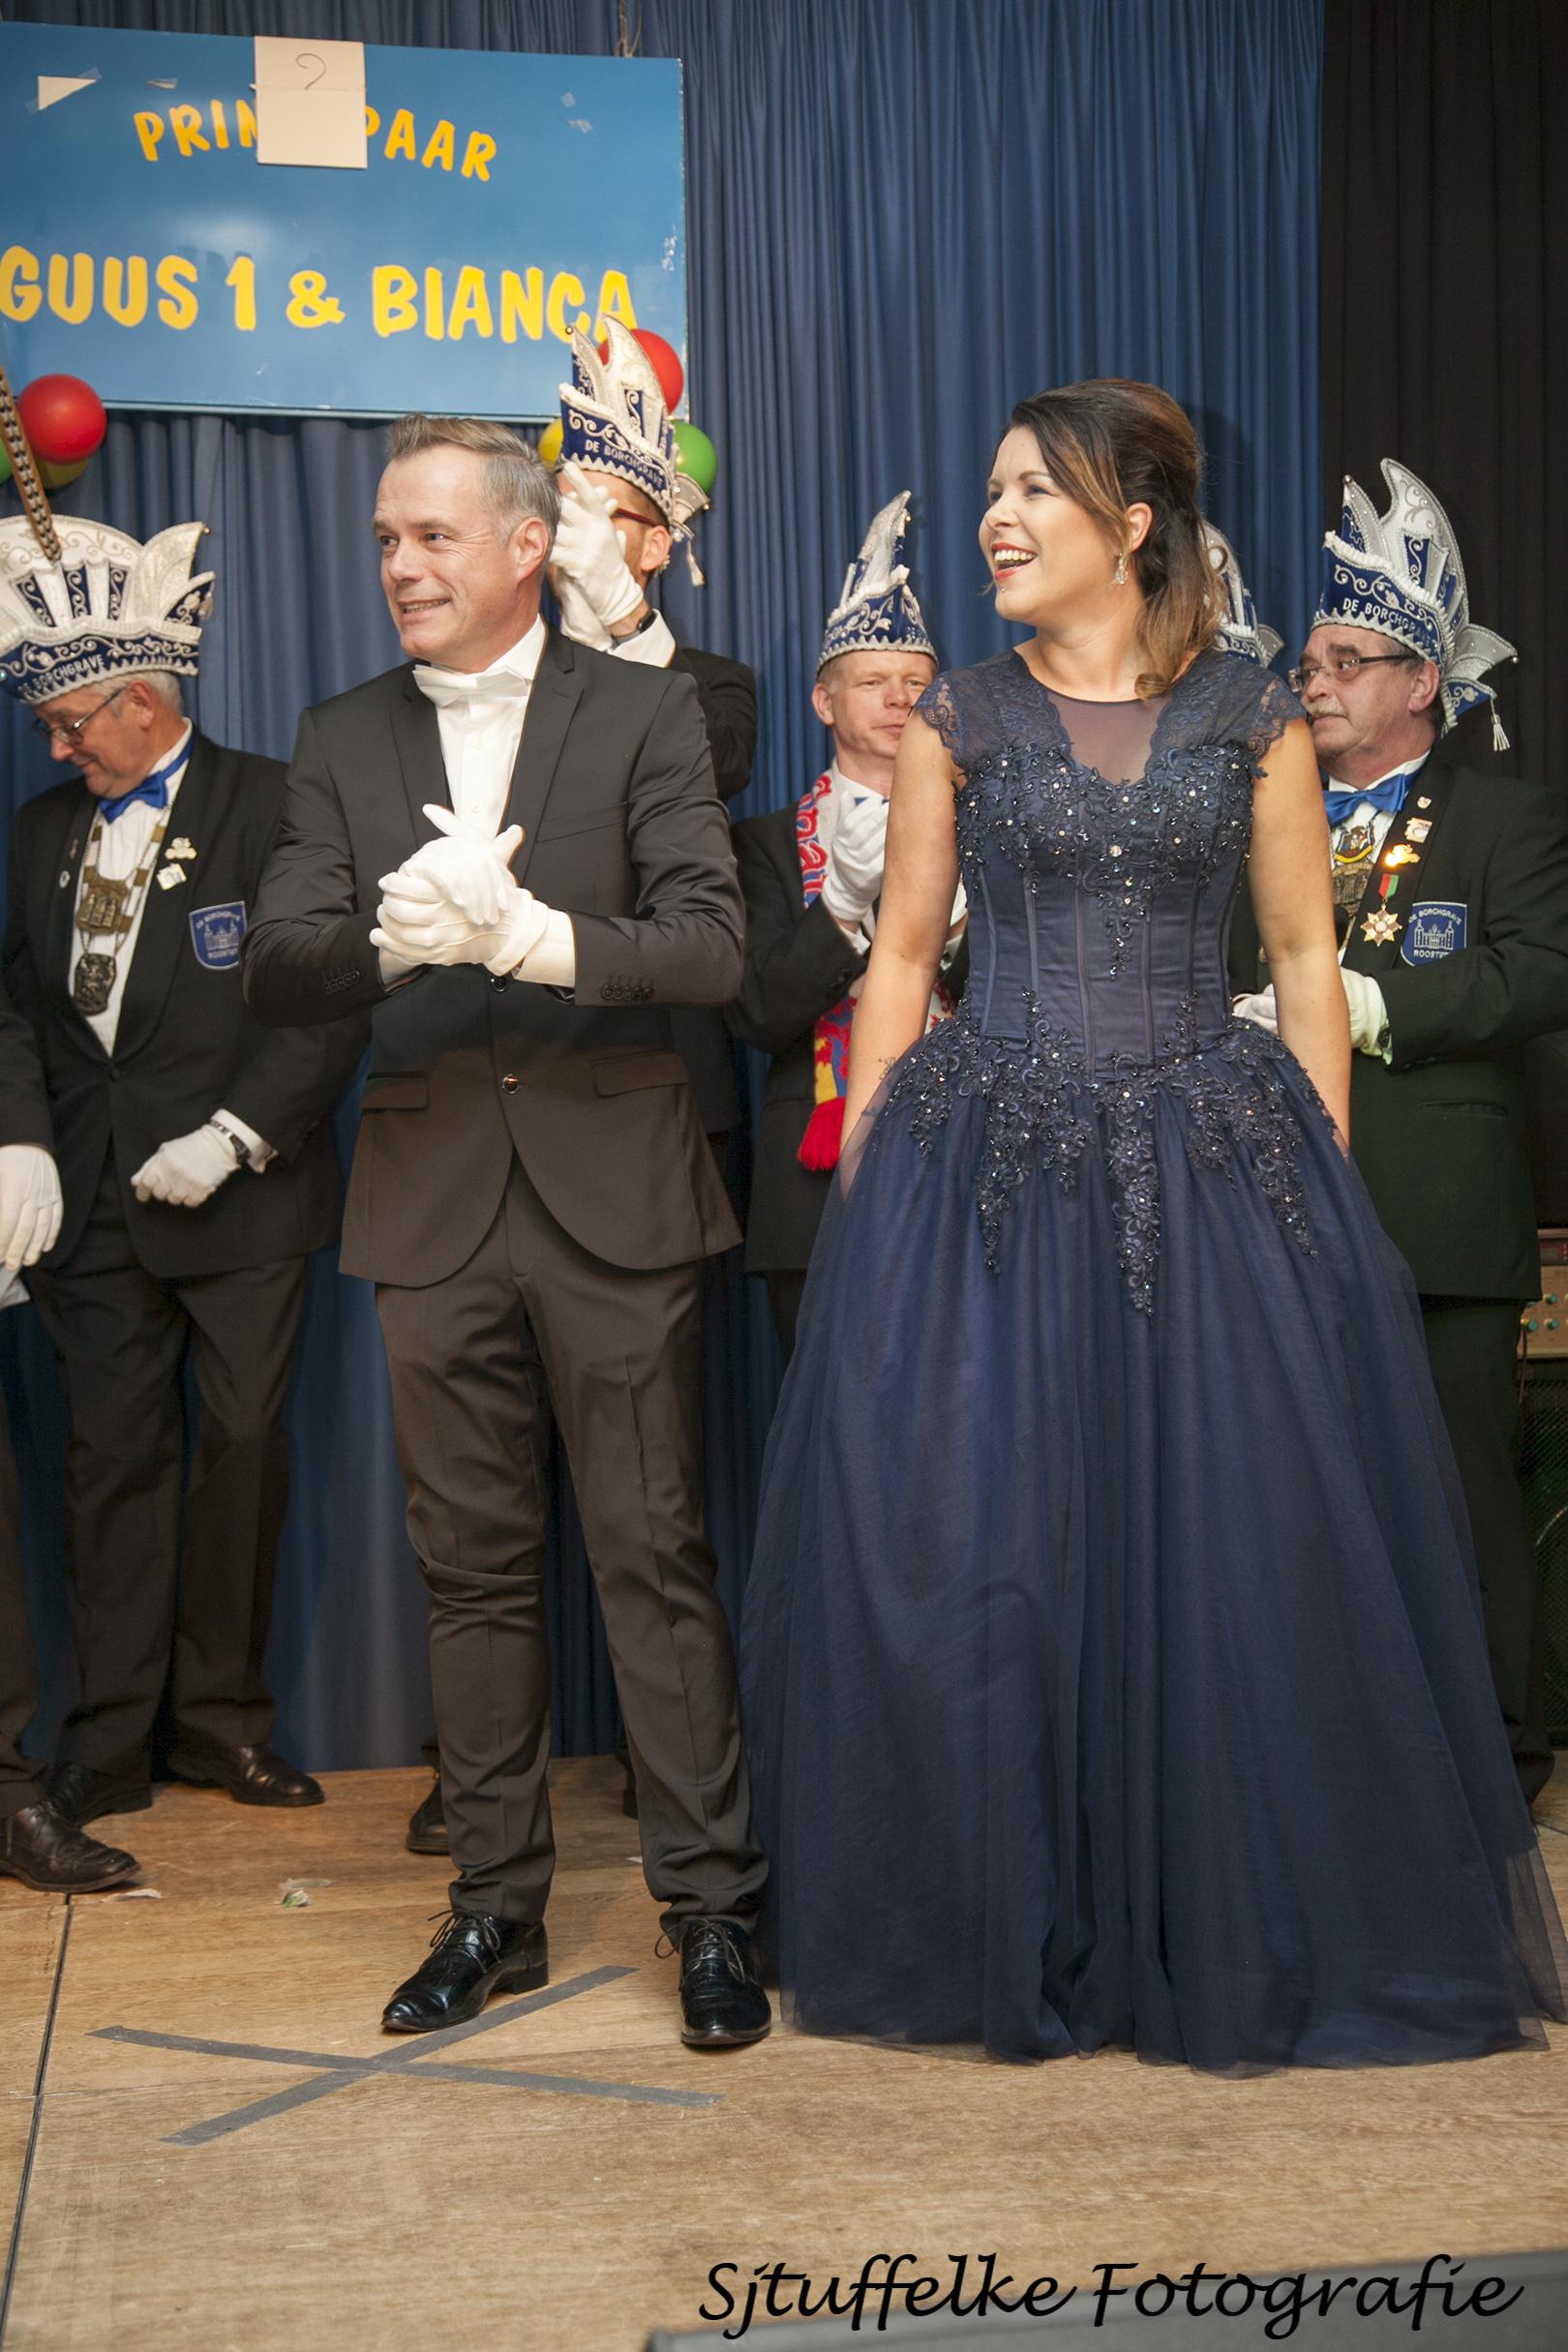 Prinsenpaar Guus I en Bianca